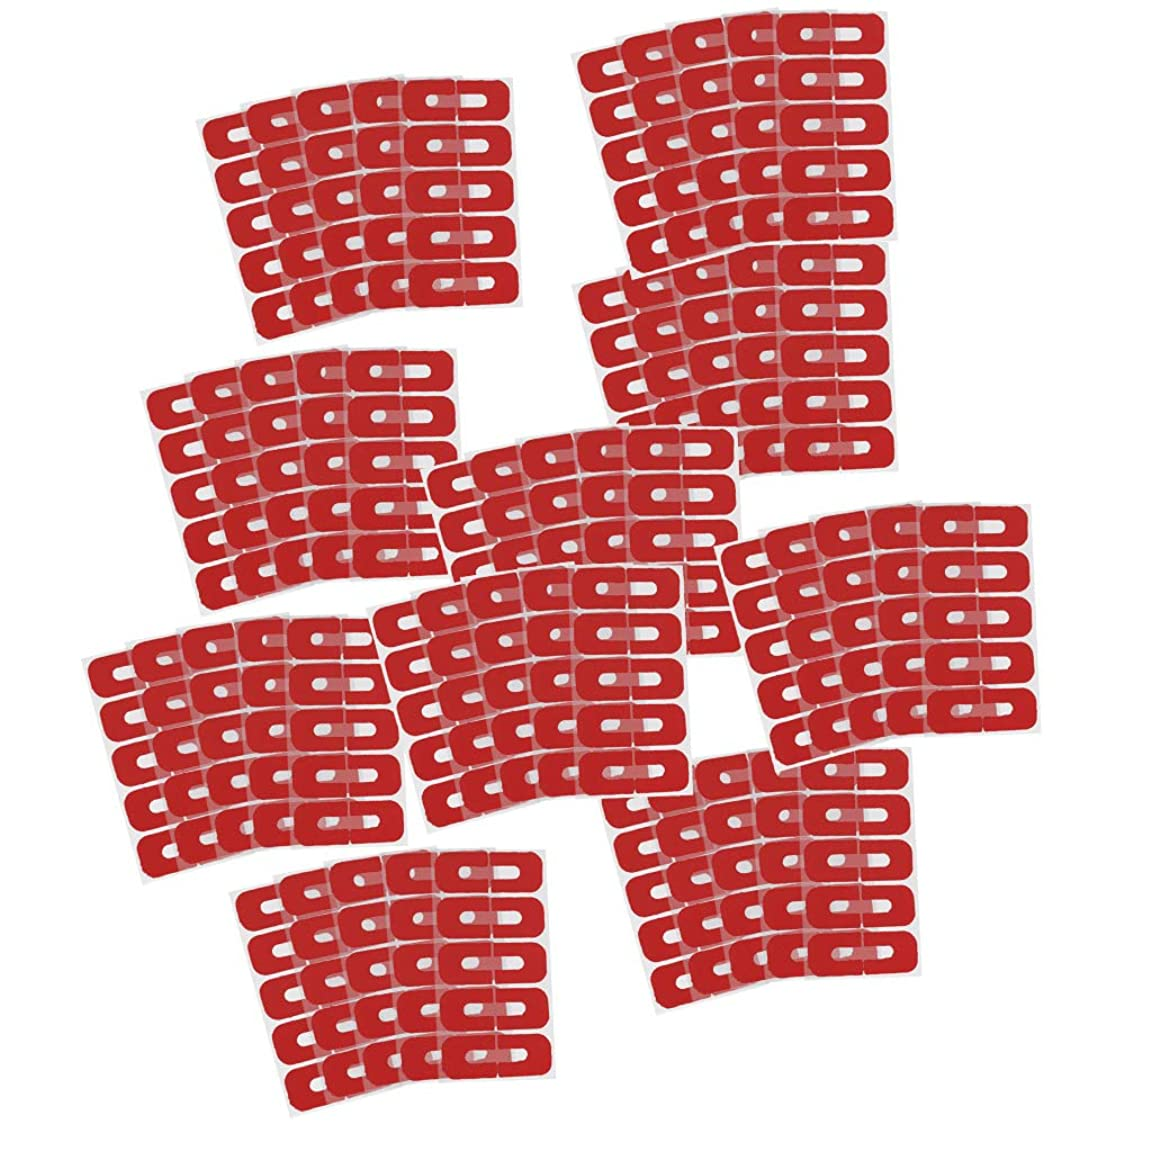 ヒューマニスティック影響力のある肥沃なCUTICATE 50点入 プロ ネイルサロン こぼれ防止 ネイルプロテクター カバー